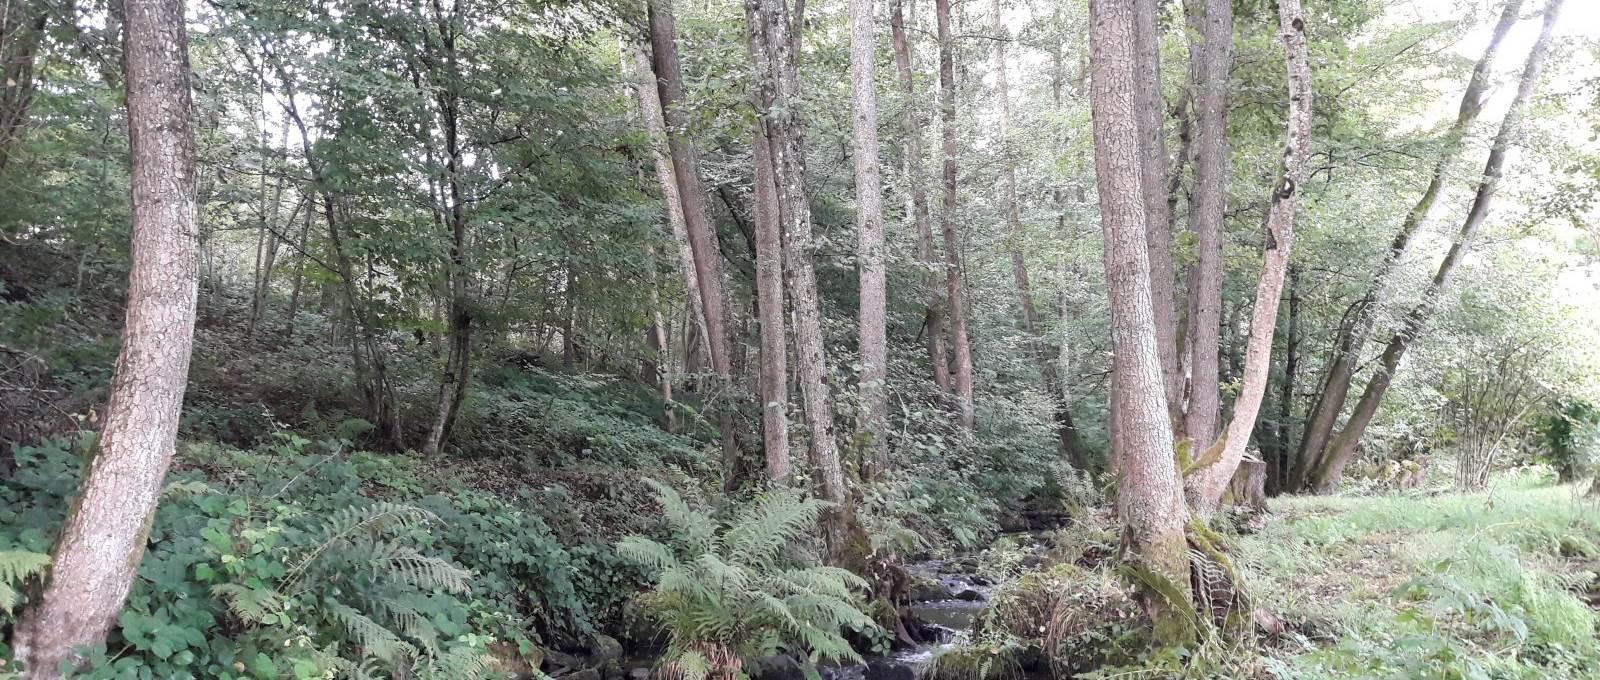 Vous pourrez profiter d'un ruisseau sauvage « le Récourt » qui sinue sur la propriété. Gîte, Chambres, Table d'Hôtes La Landre La Vôge les Bains, Bains les Bains, Le Clerjus